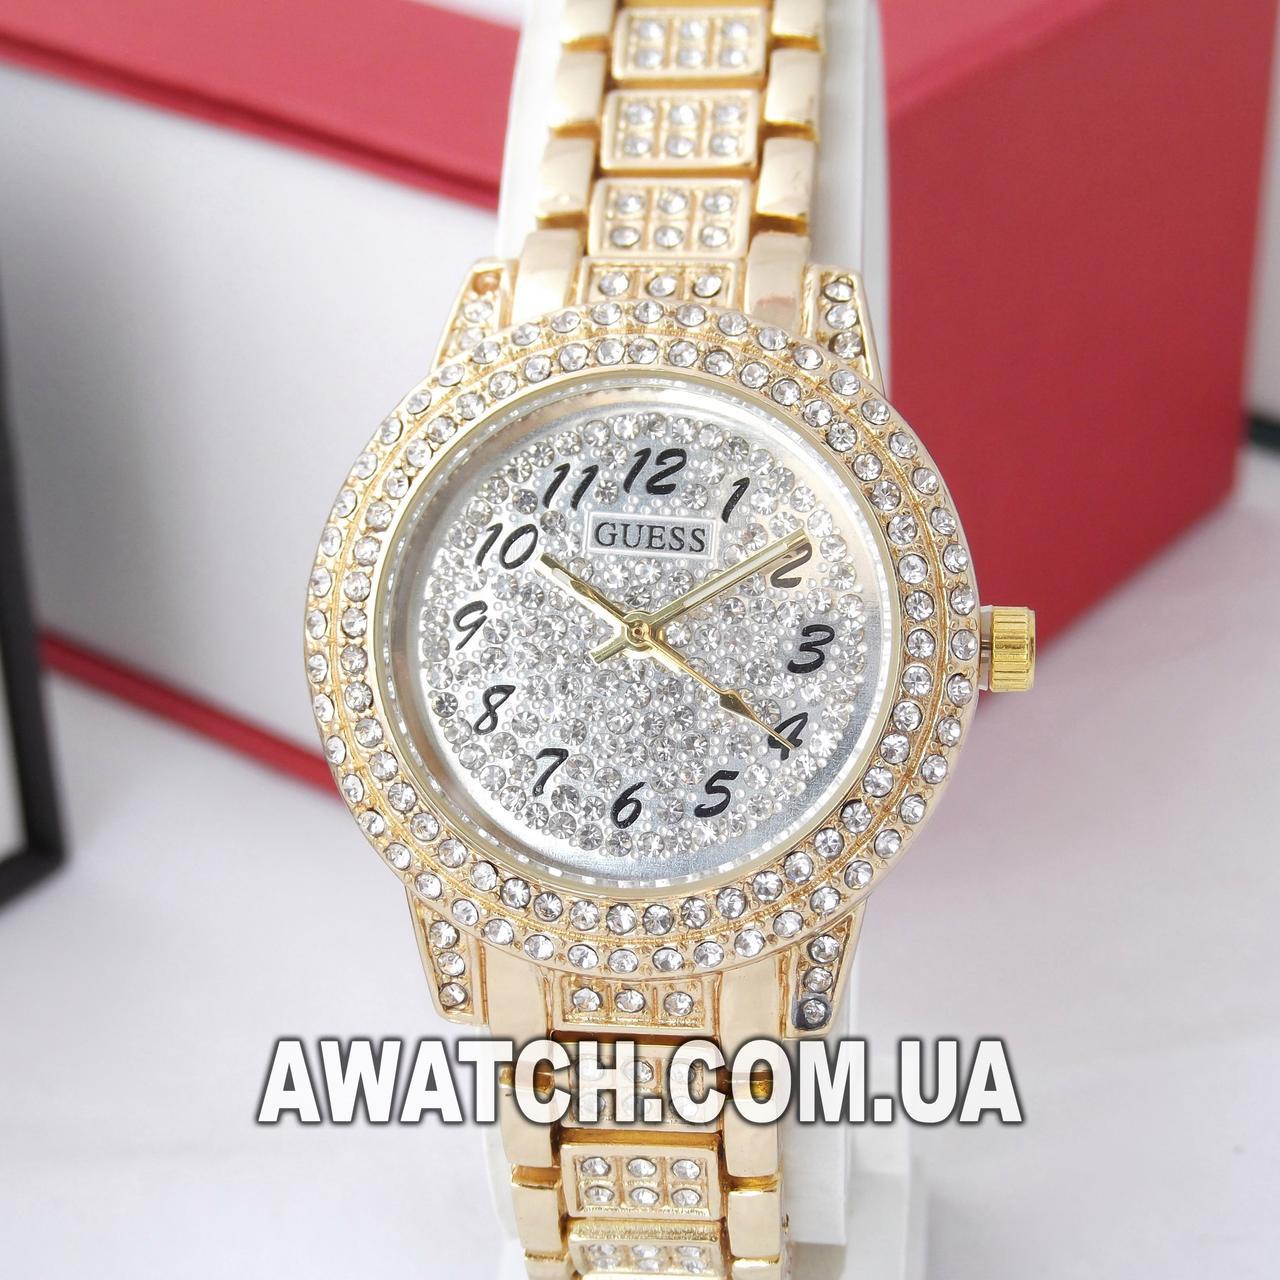 9da7bd74 Женские кварцевые наручные часы Guess B119 (561615911). Цена, купить ...